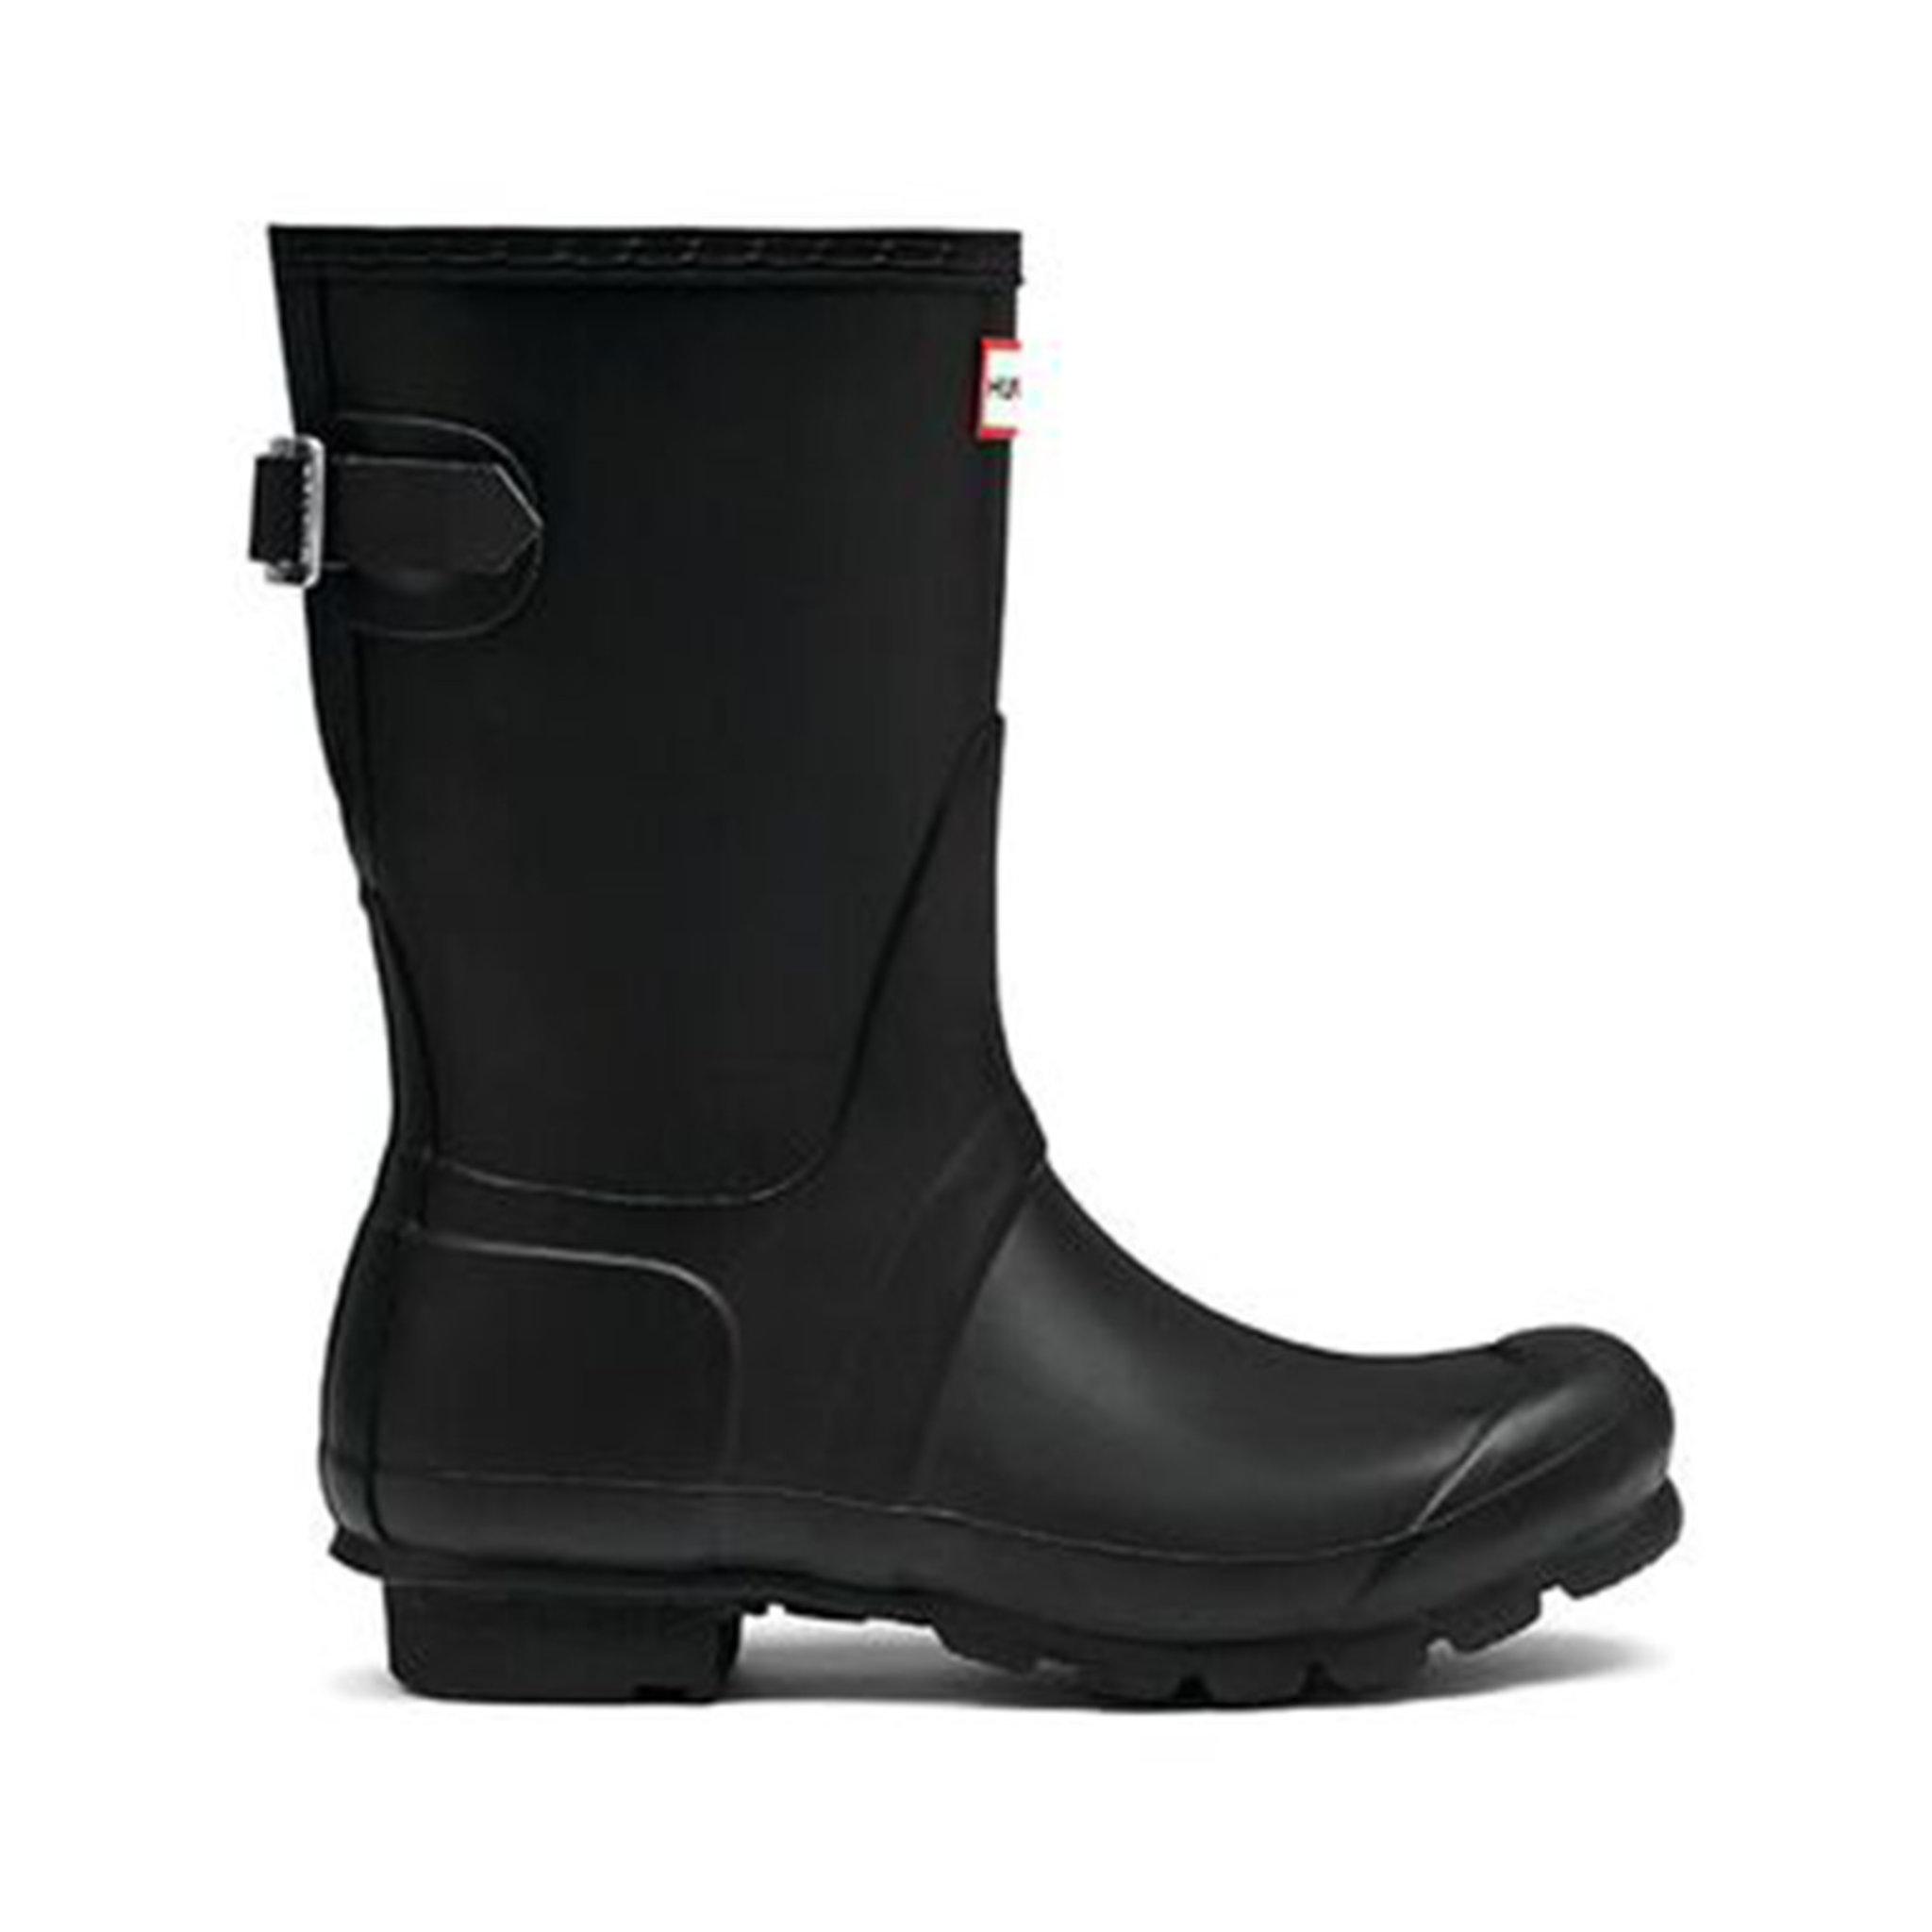 11f76c94d64 Gummistövlar, Original Short Wellington Boots - Stövlar & boots - Köp online  på åhlens.se!